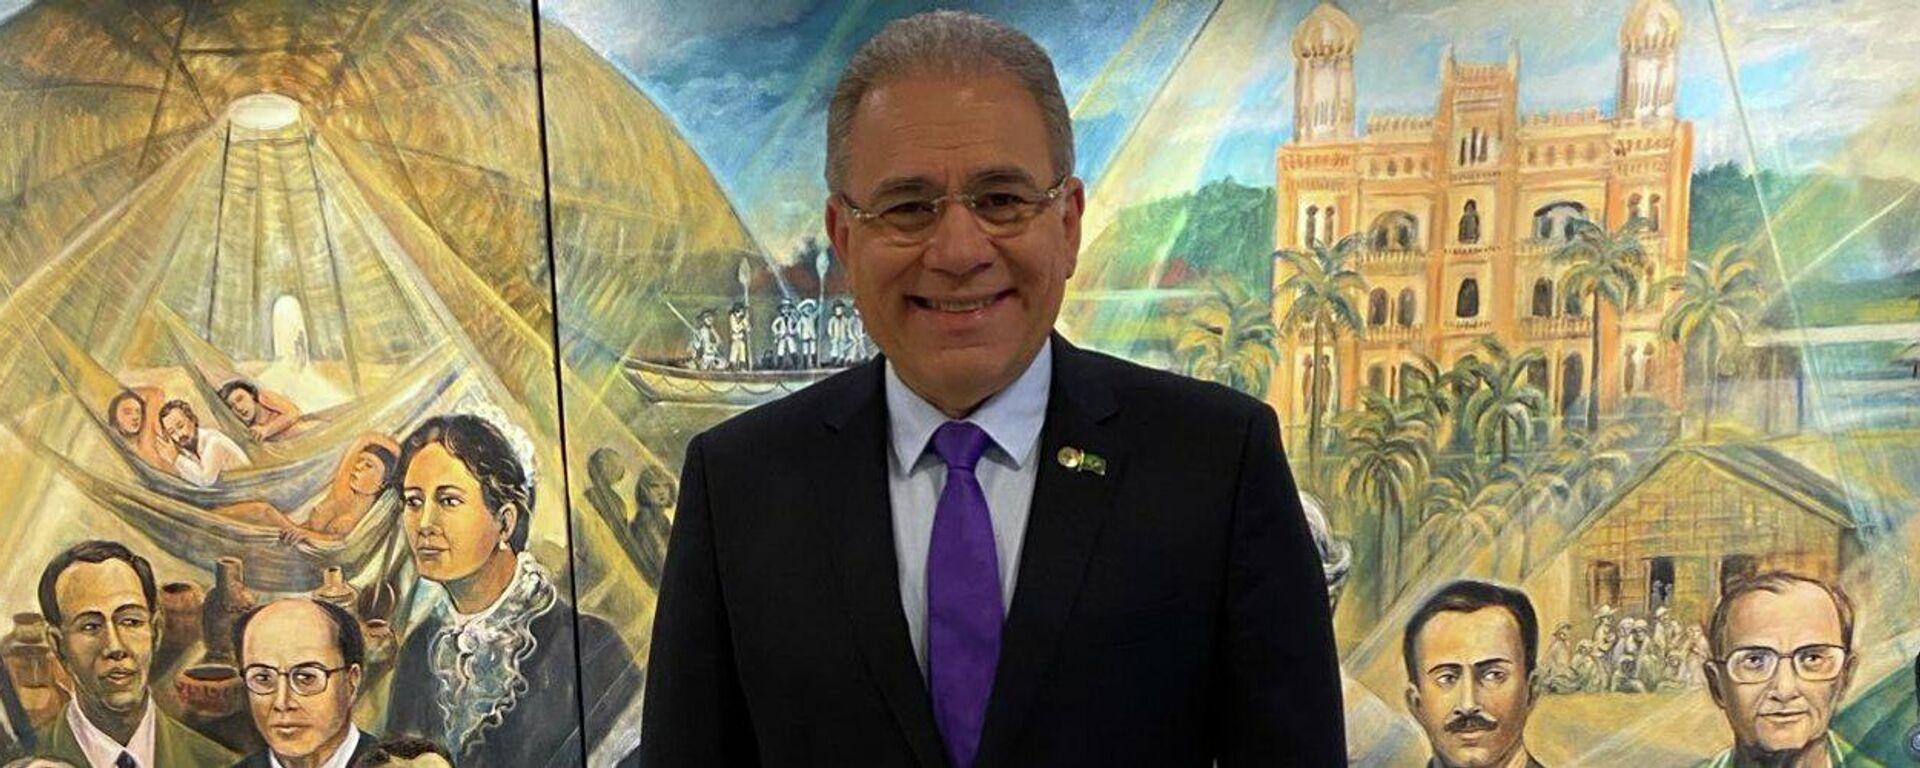 Marcelo Queiroga, ministro de Salud de Brasil - Sputnik Mundo, 1920, 30.04.2021